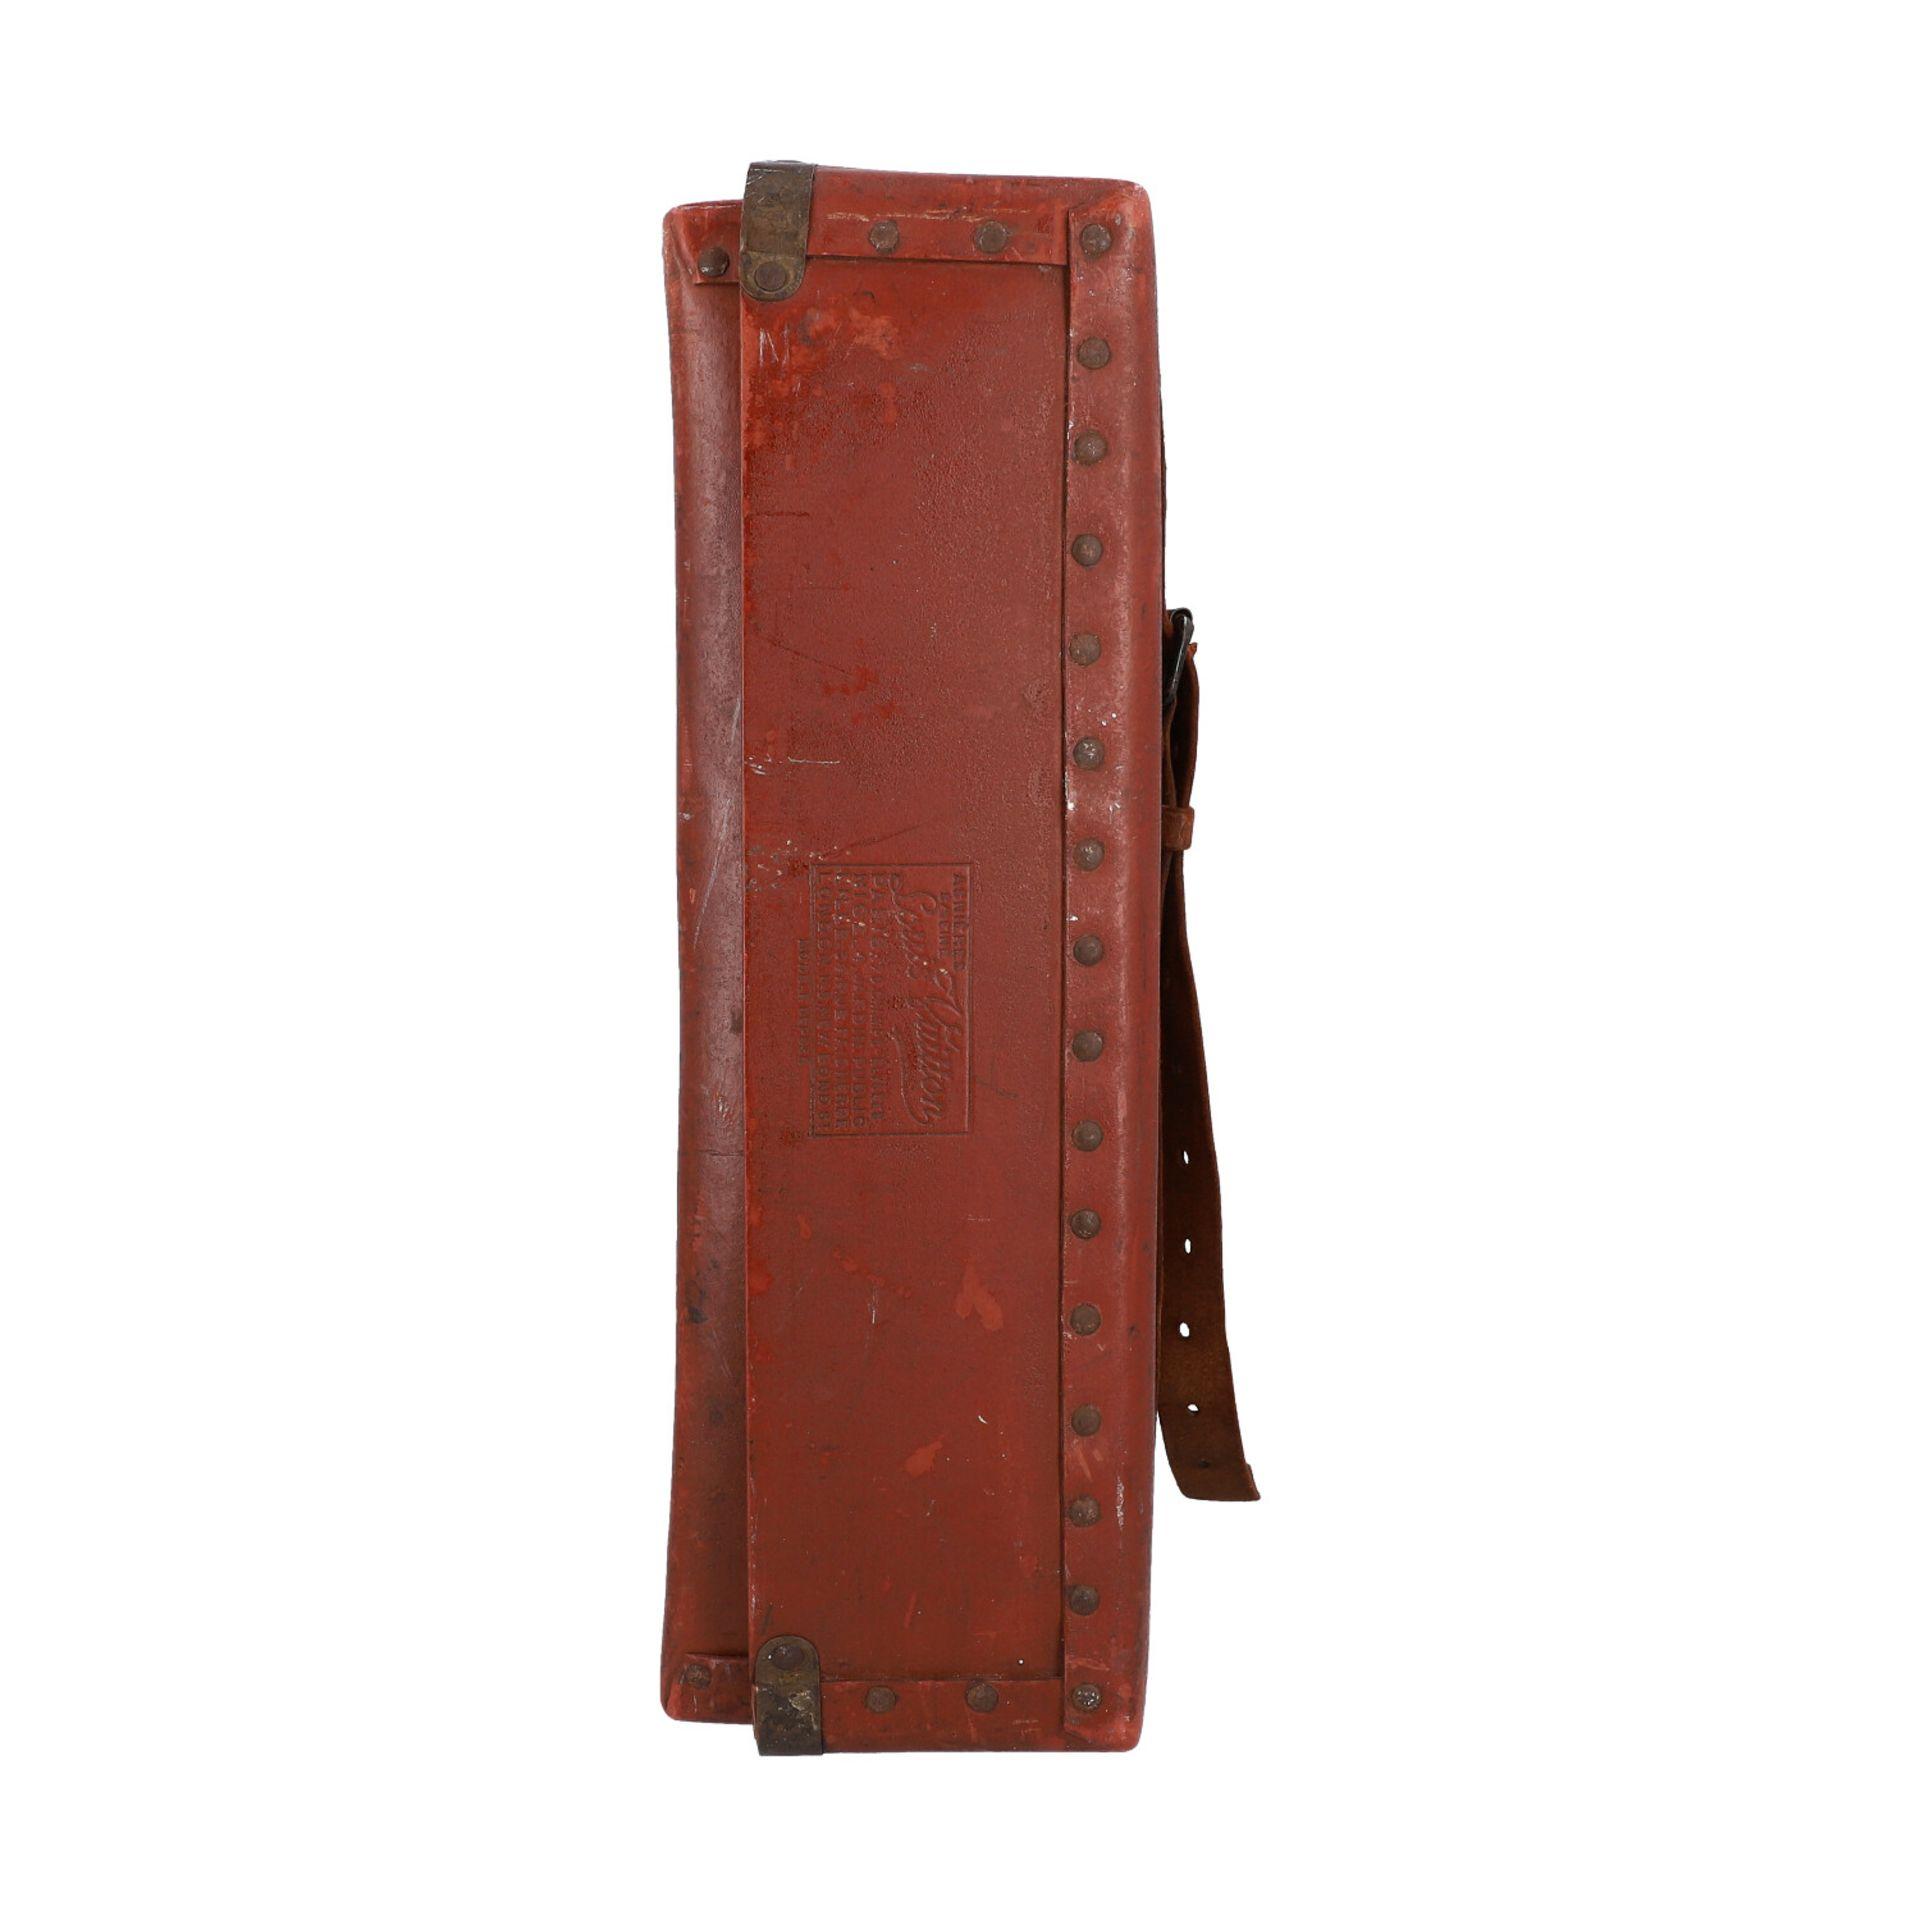 LOUIS VUITTON ANTIKER Reisekoffer, um 1900. Rarität - Sammlerstück! Mit eingravierte - Image 3 of 6